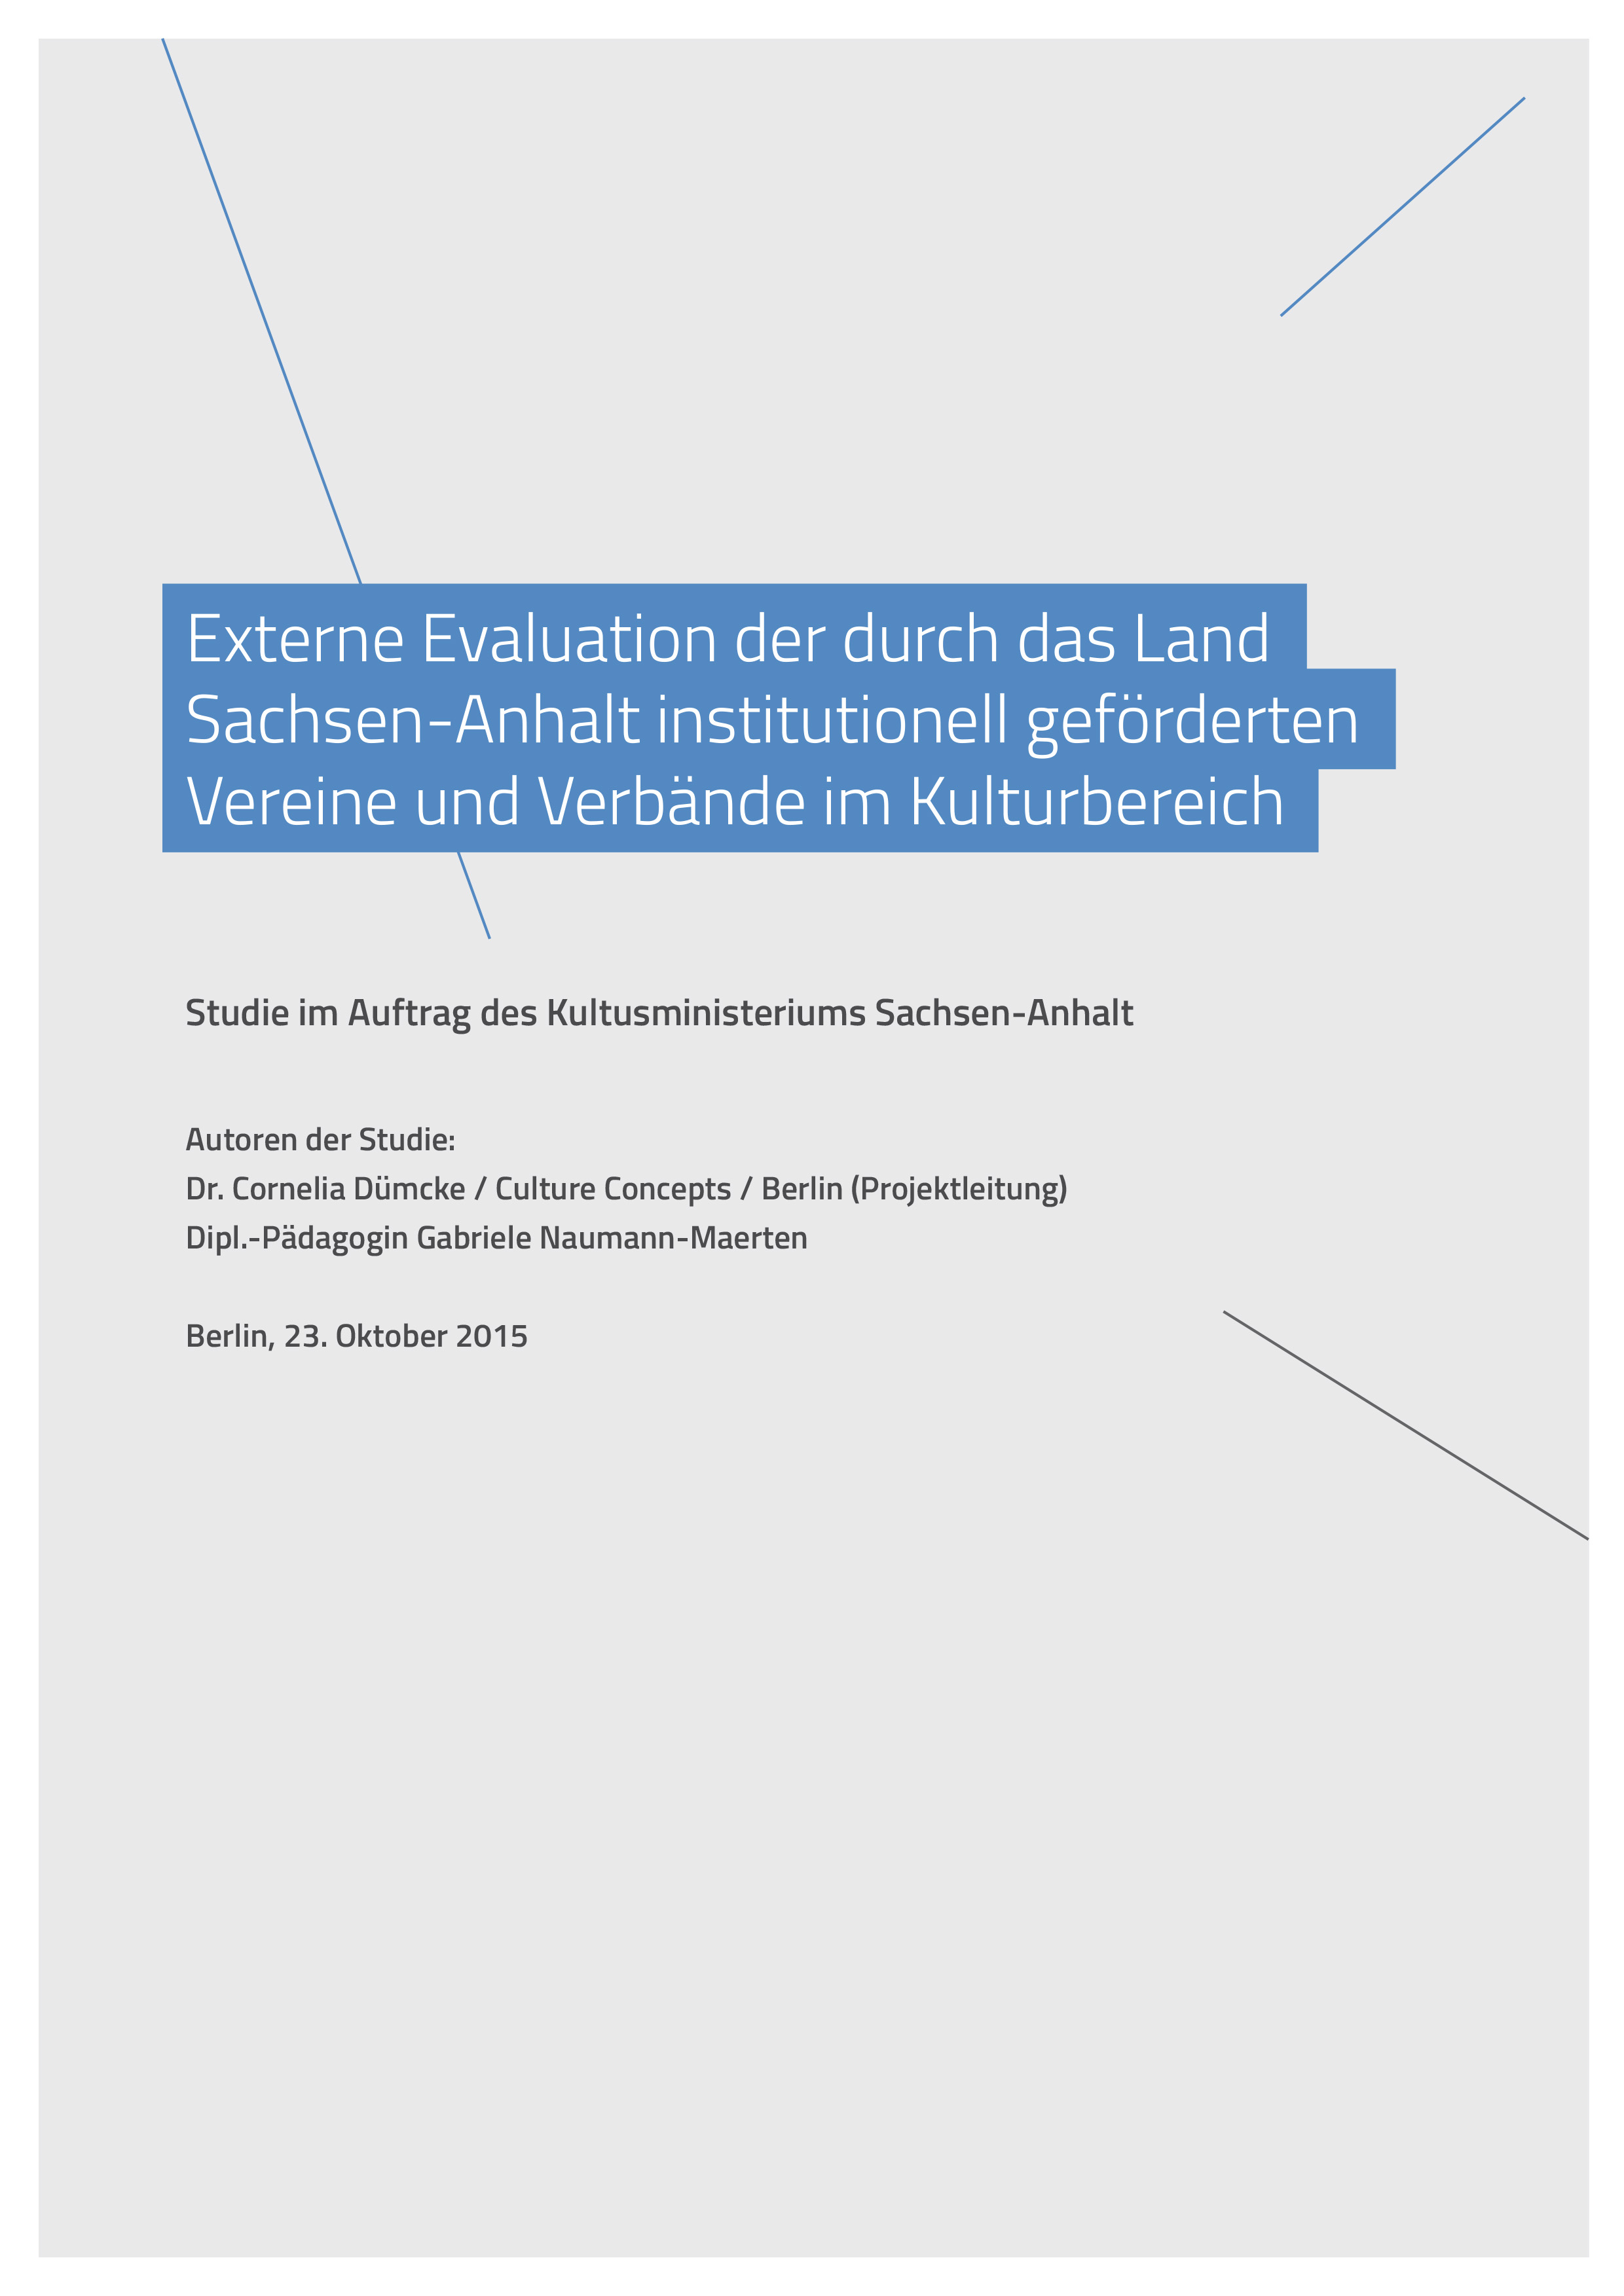 2015_DB_Dümcke_EVAL Kulturinstitutionen Sachsen-Anhalt.jpg